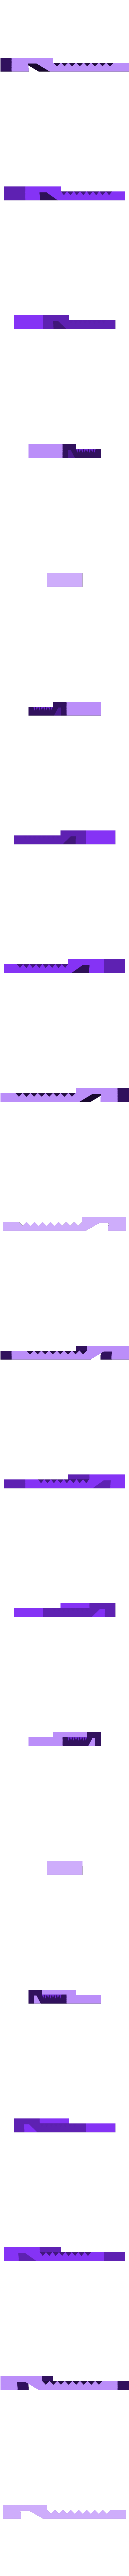 snapfit_handle_base_stopper.stl Télécharger fichier STL gratuit poignée encliquetable pour montage sur barre (moletée, 22mm-34mm) • Objet imprimable en 3D, CyberCyclist